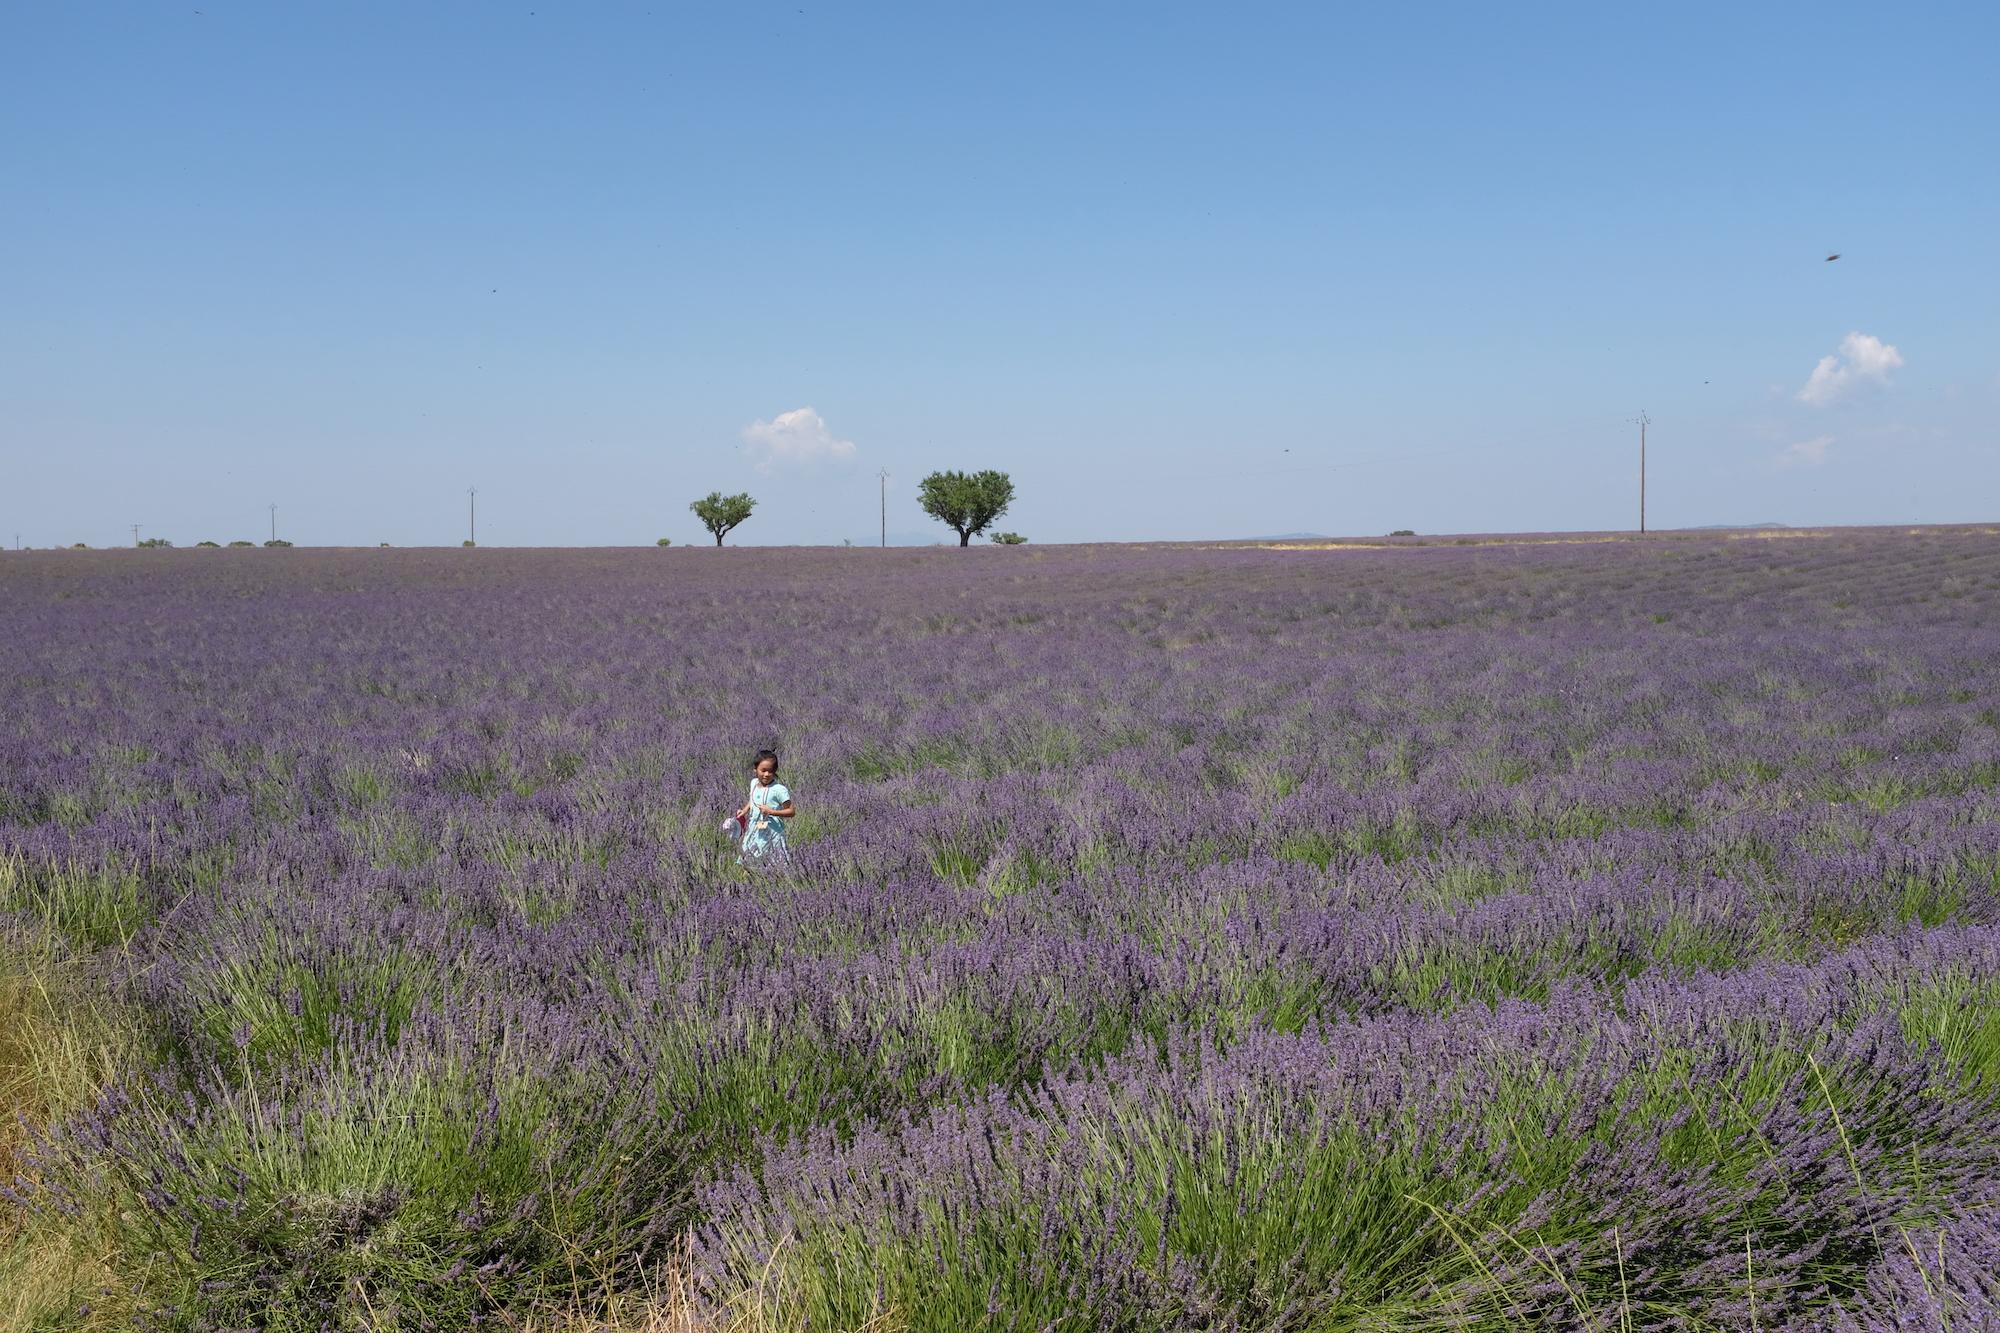 Les touristes convoitent l'or bleu de Provence -